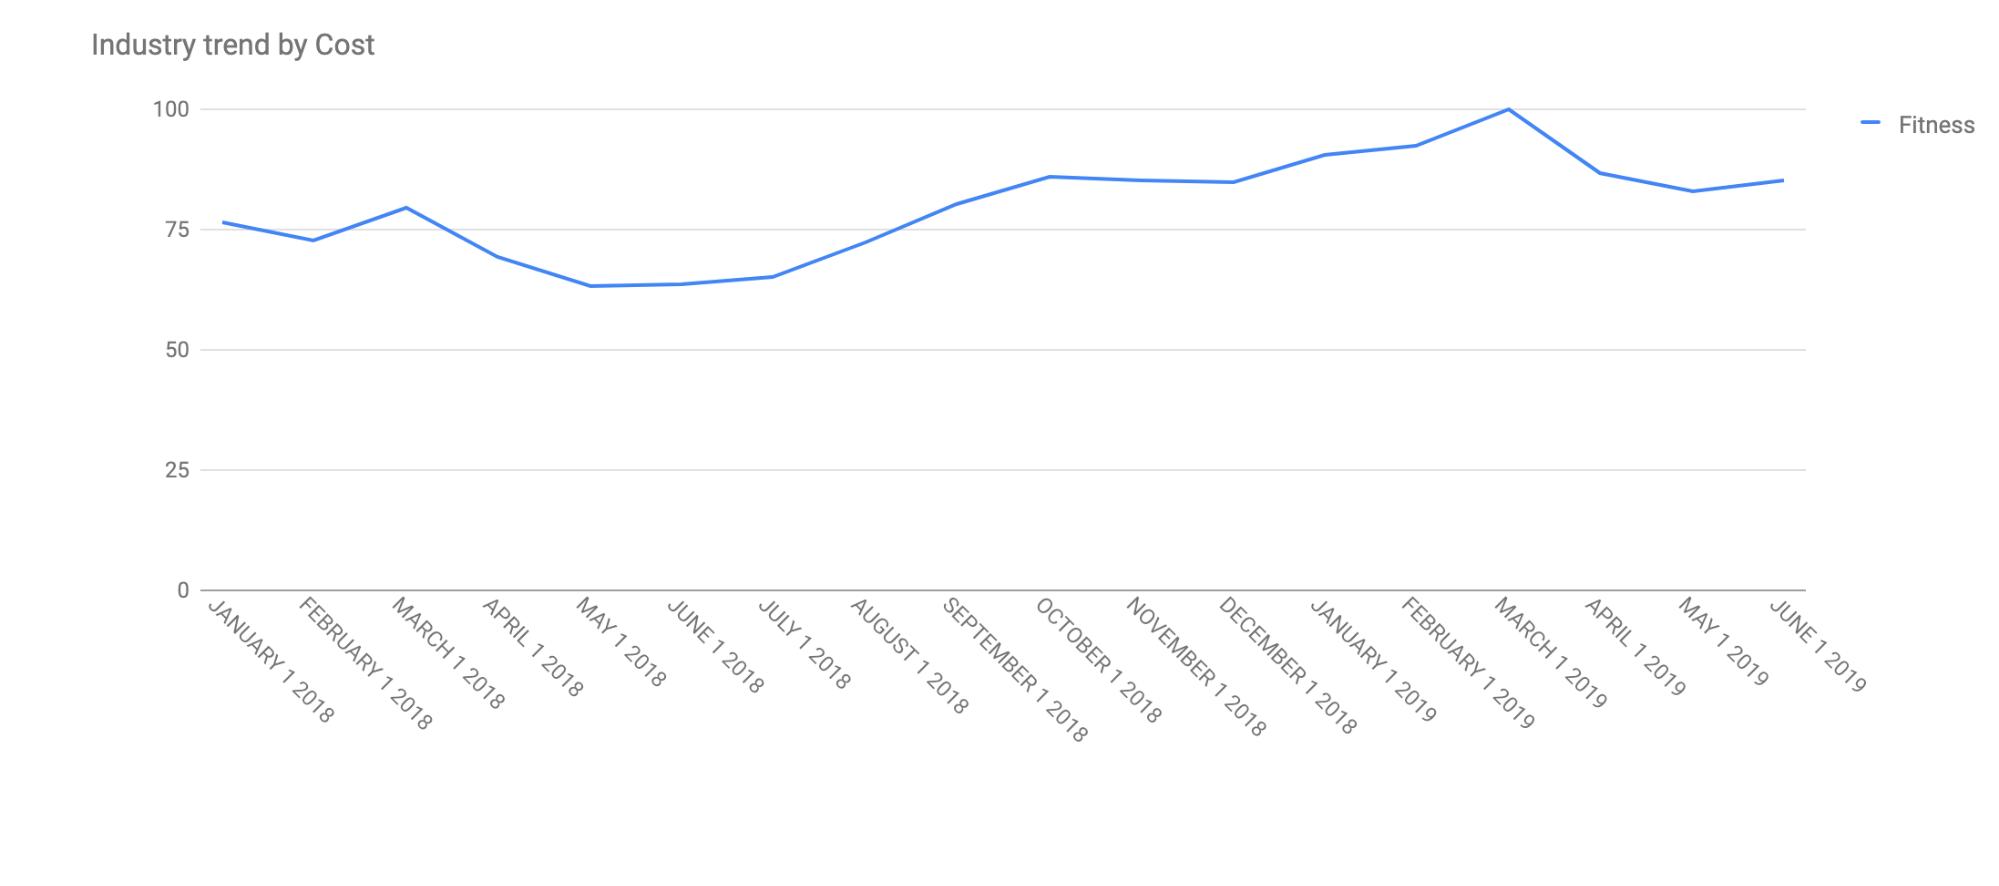 Российский рынок рынок фитнес-услуг - стоимость услуг, график